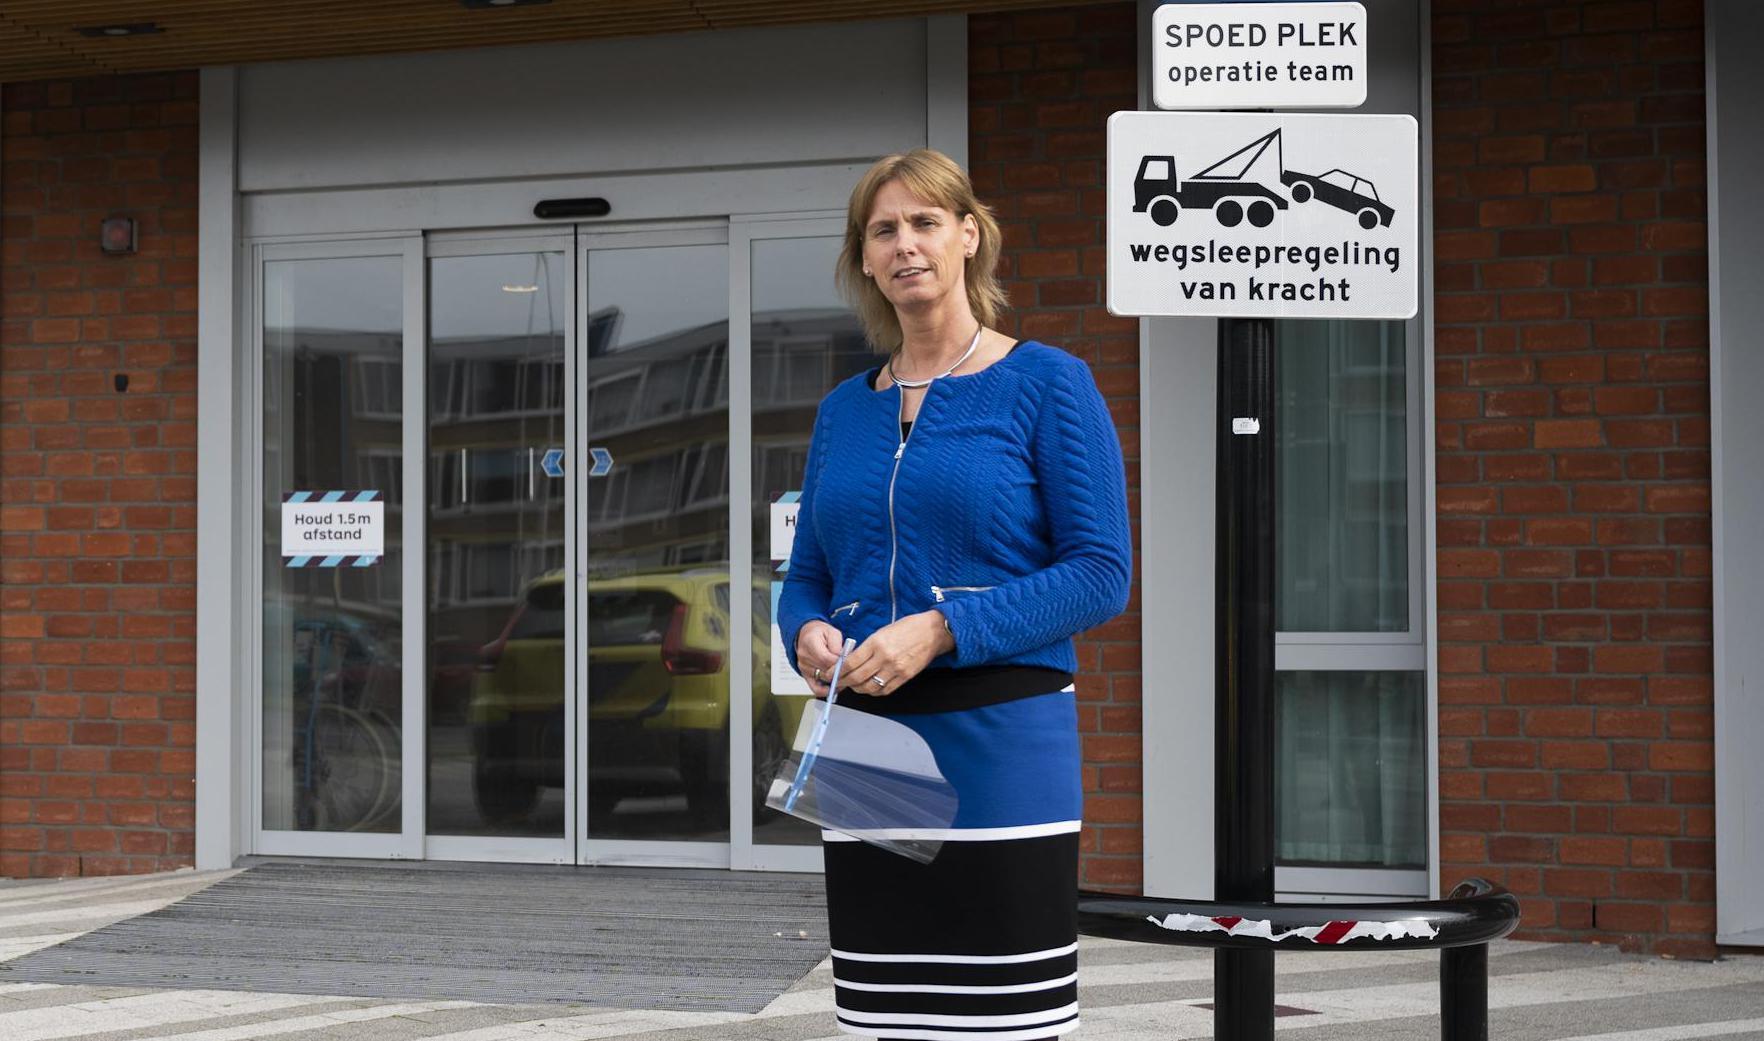 Marian de Vries, lid Raad van Bestuur, verruilt Zaans Medisch Centrum voor het Tergooi Ziekenhuis